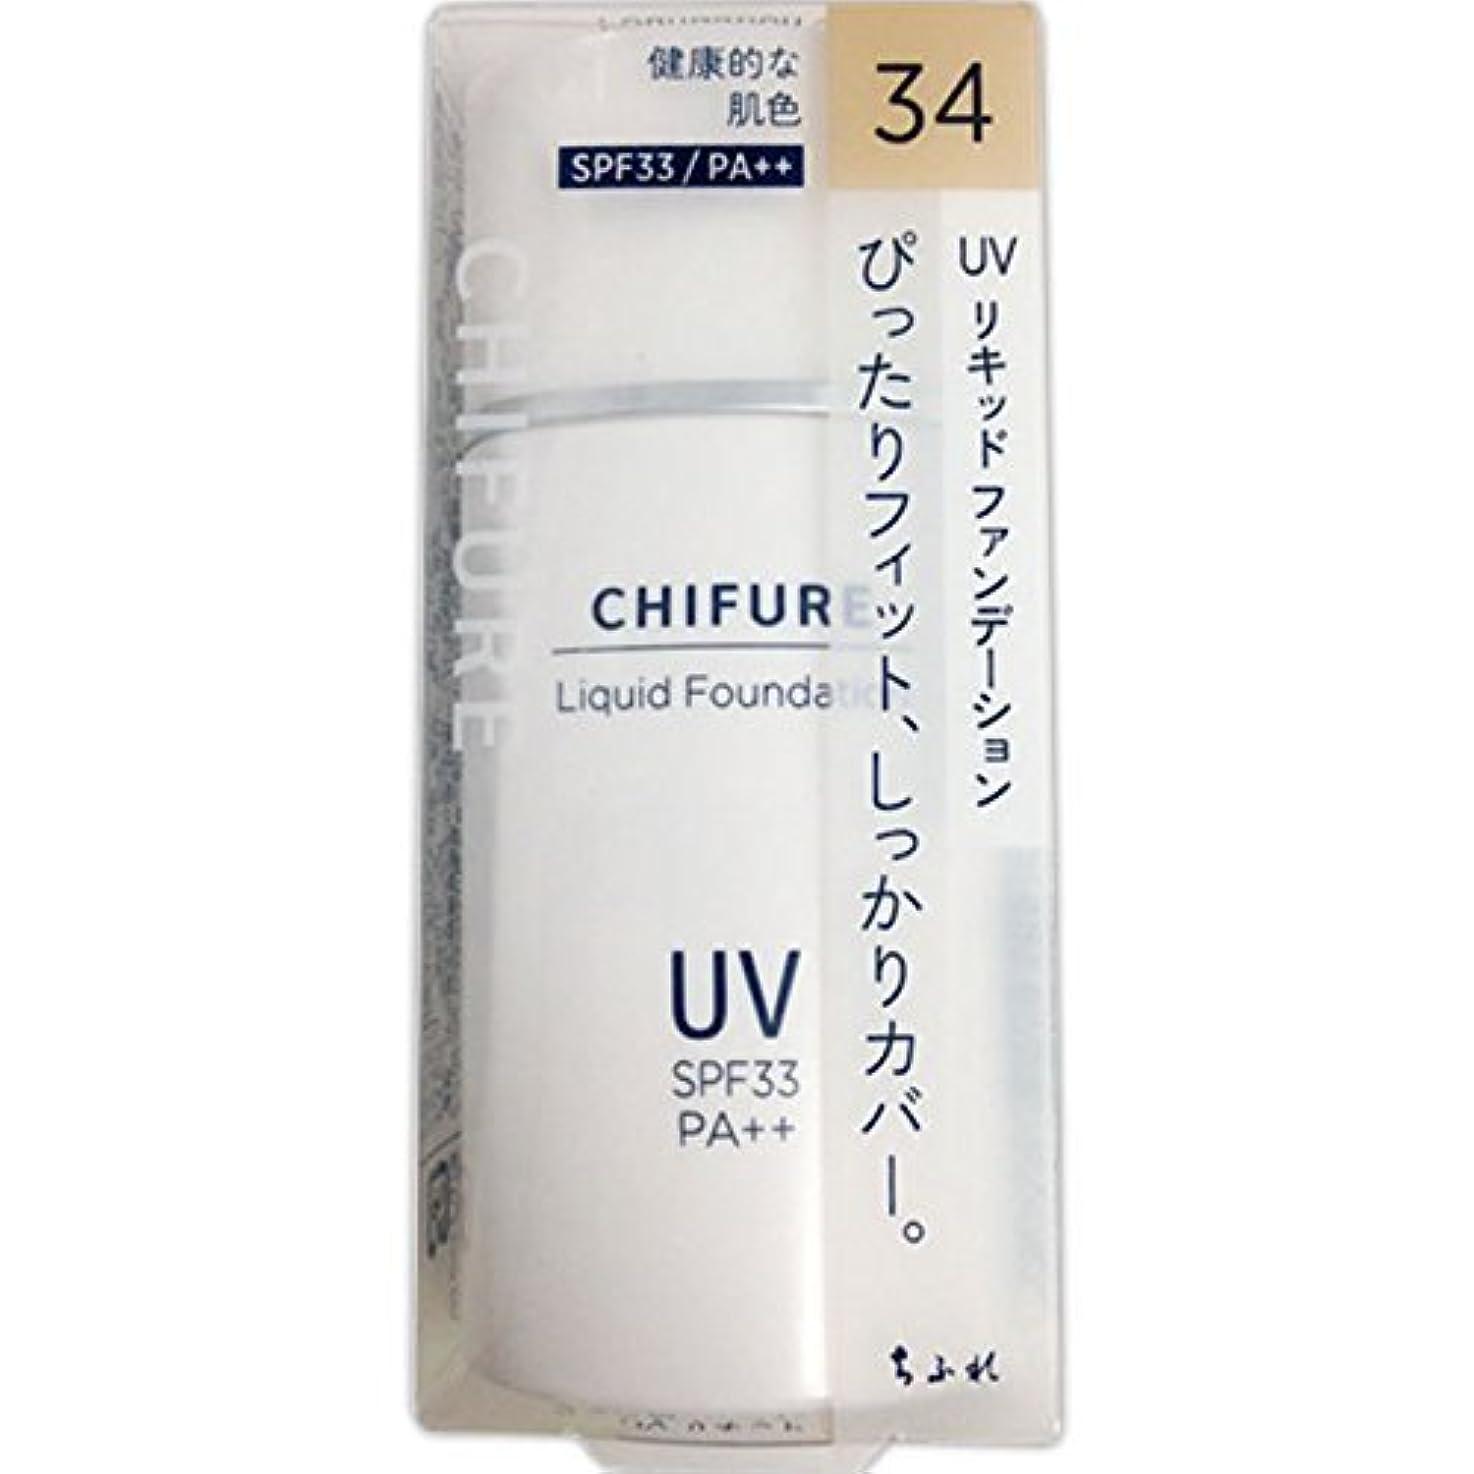 ちふれ化粧品 UV リキッド ファンデーション 34 健康的な肌色 30ML